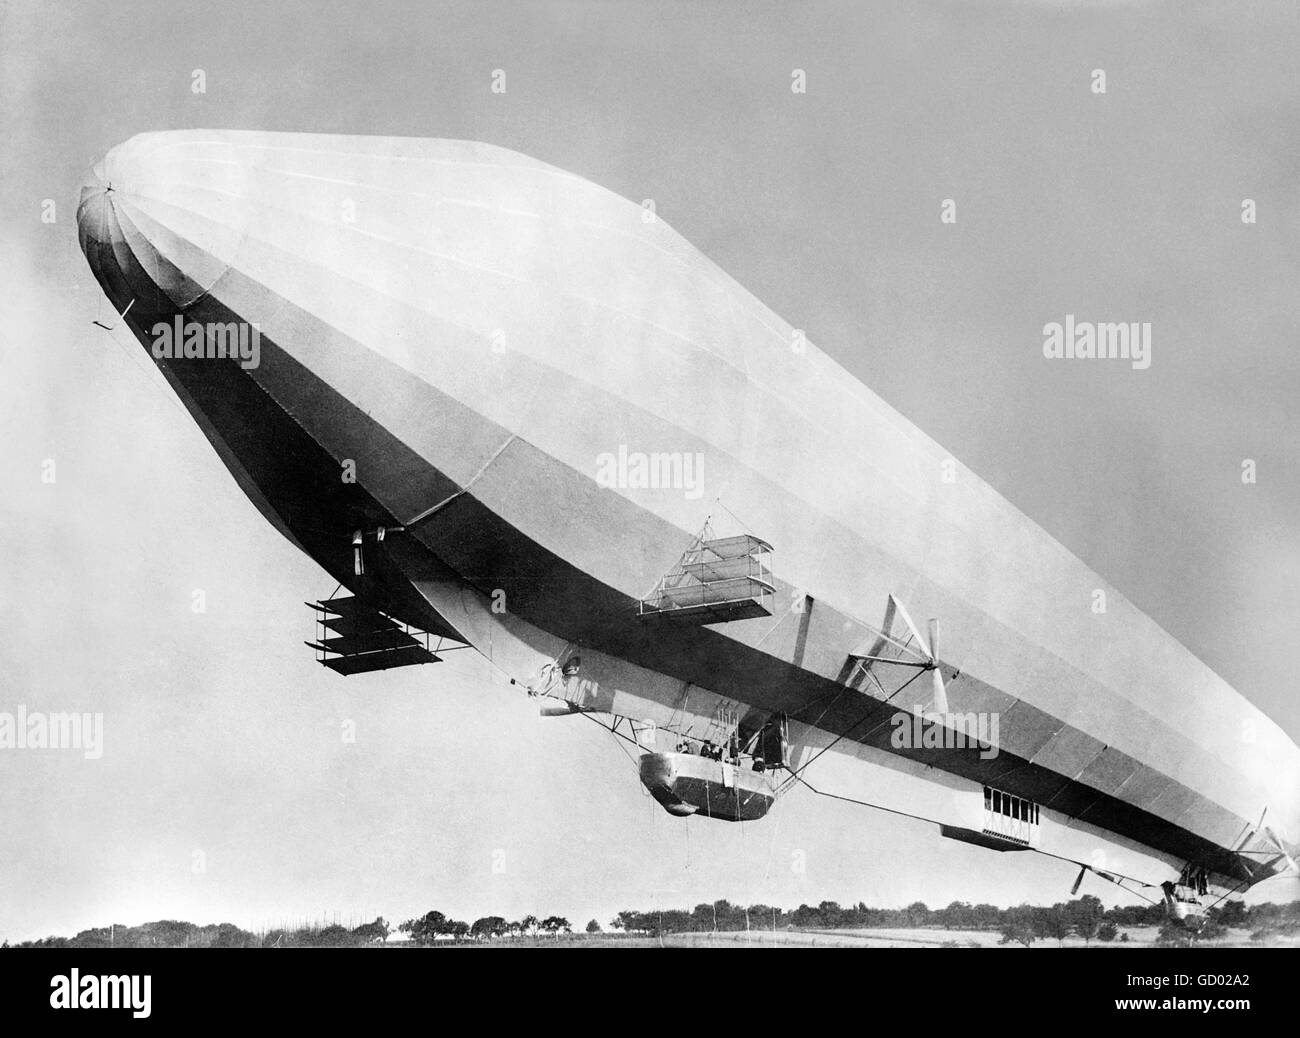 Dirigibile Zeppelin. Pre WWI tedesco dirigibile Zeppelin LZ 7. Foto da Bain News Service, 1910. Immagini Stock